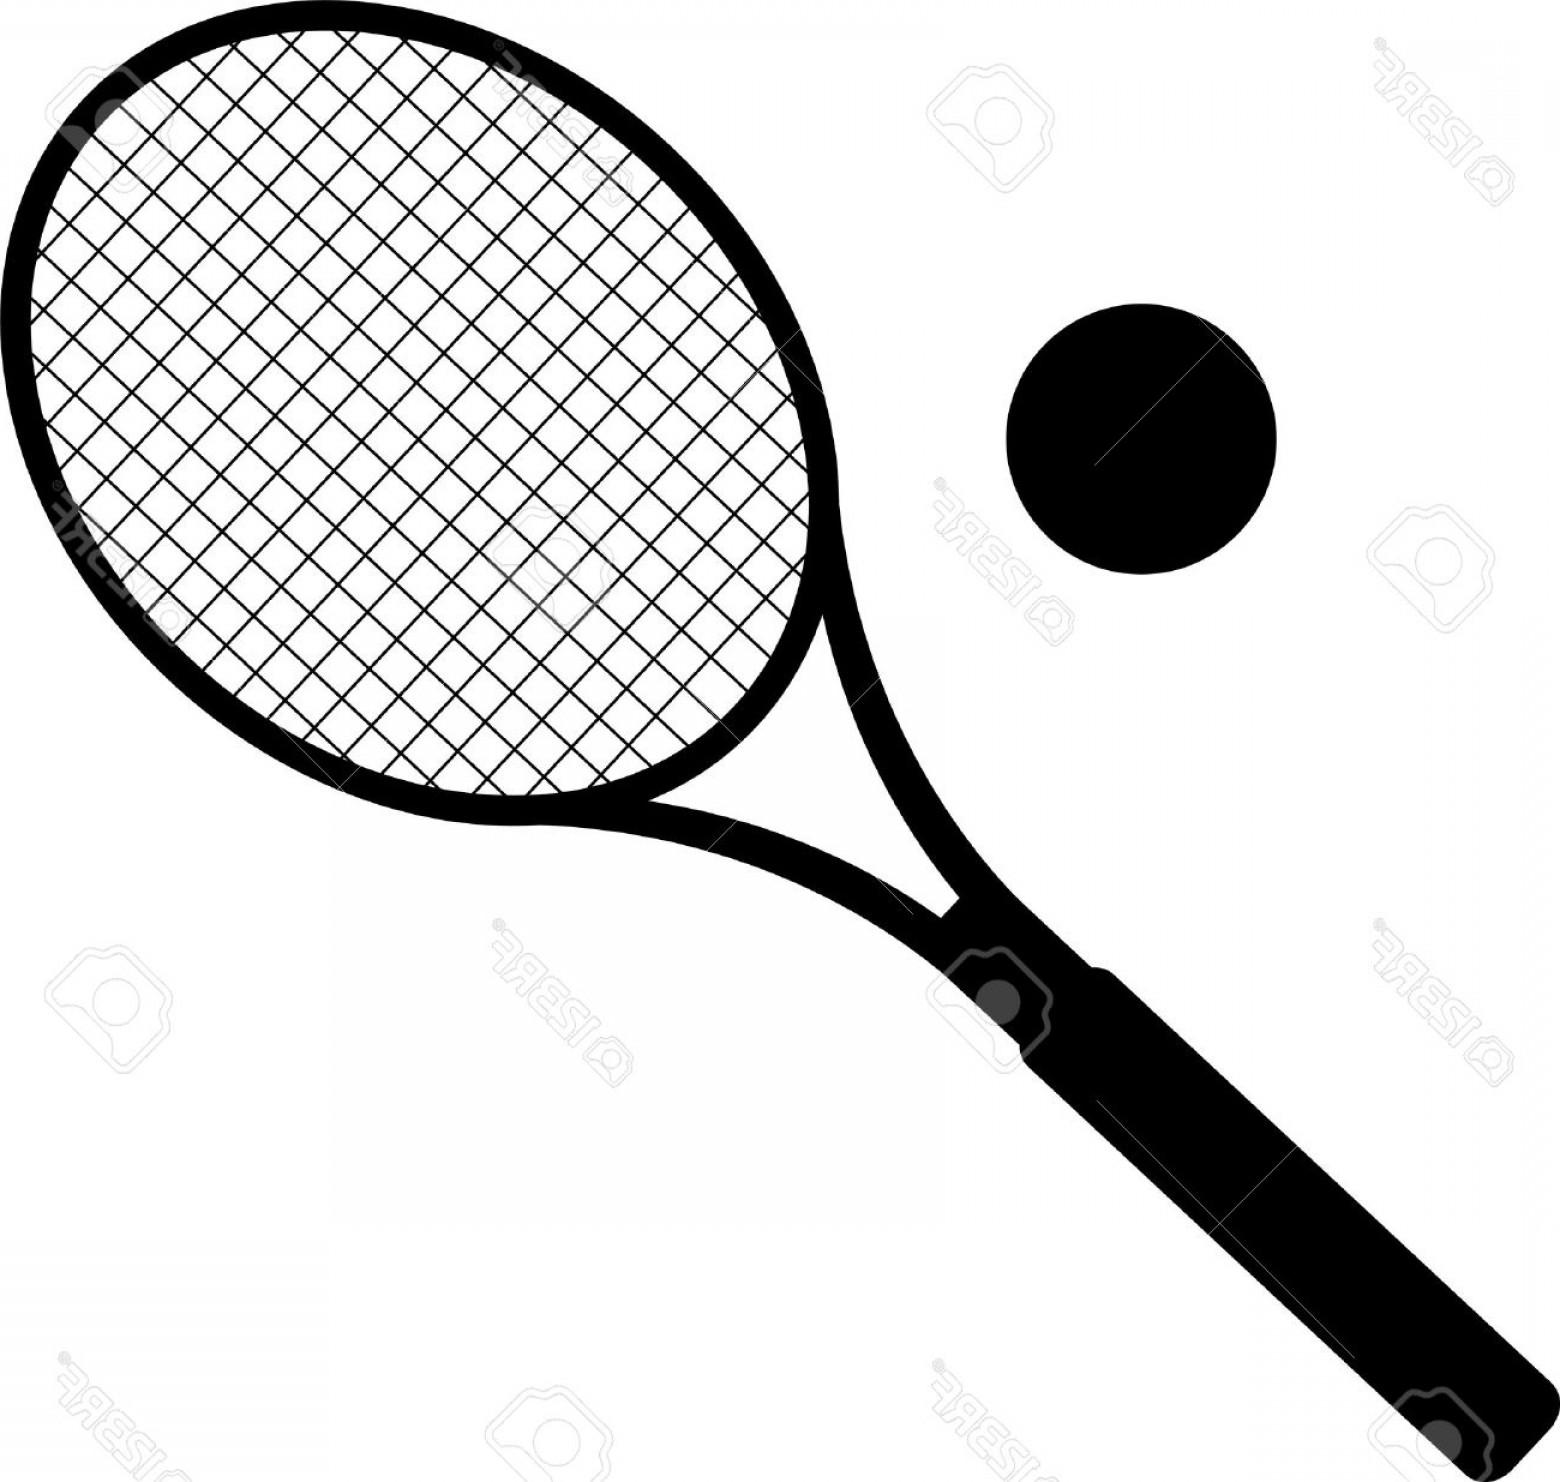 Tennis Racket Vector At Getdrawings